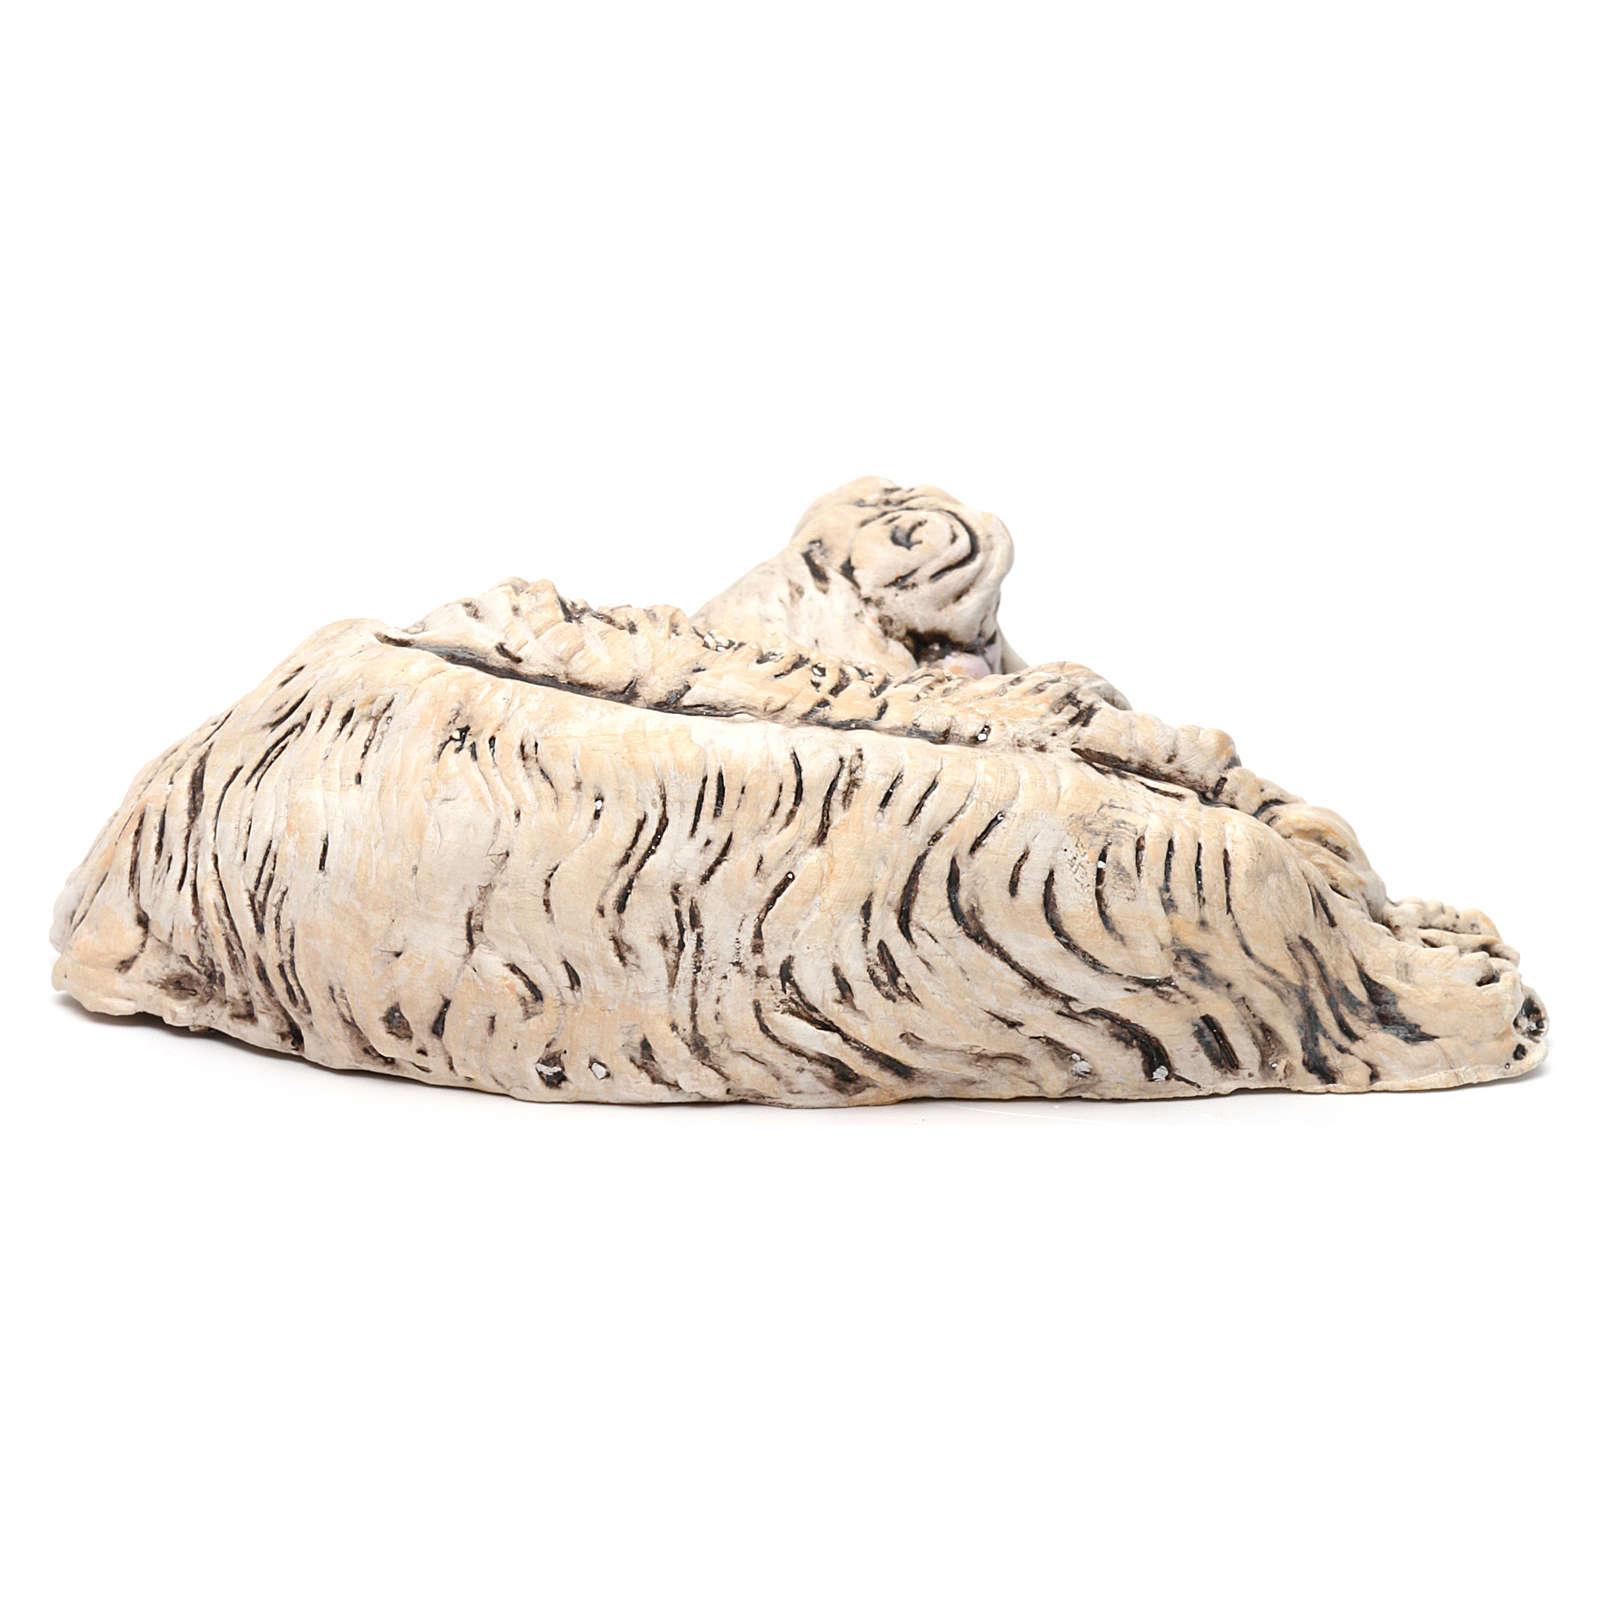 Oveja tumbada con la cabeza a la derecha para el belén Nápoles estilo 700 de 35 cm de altura media 4